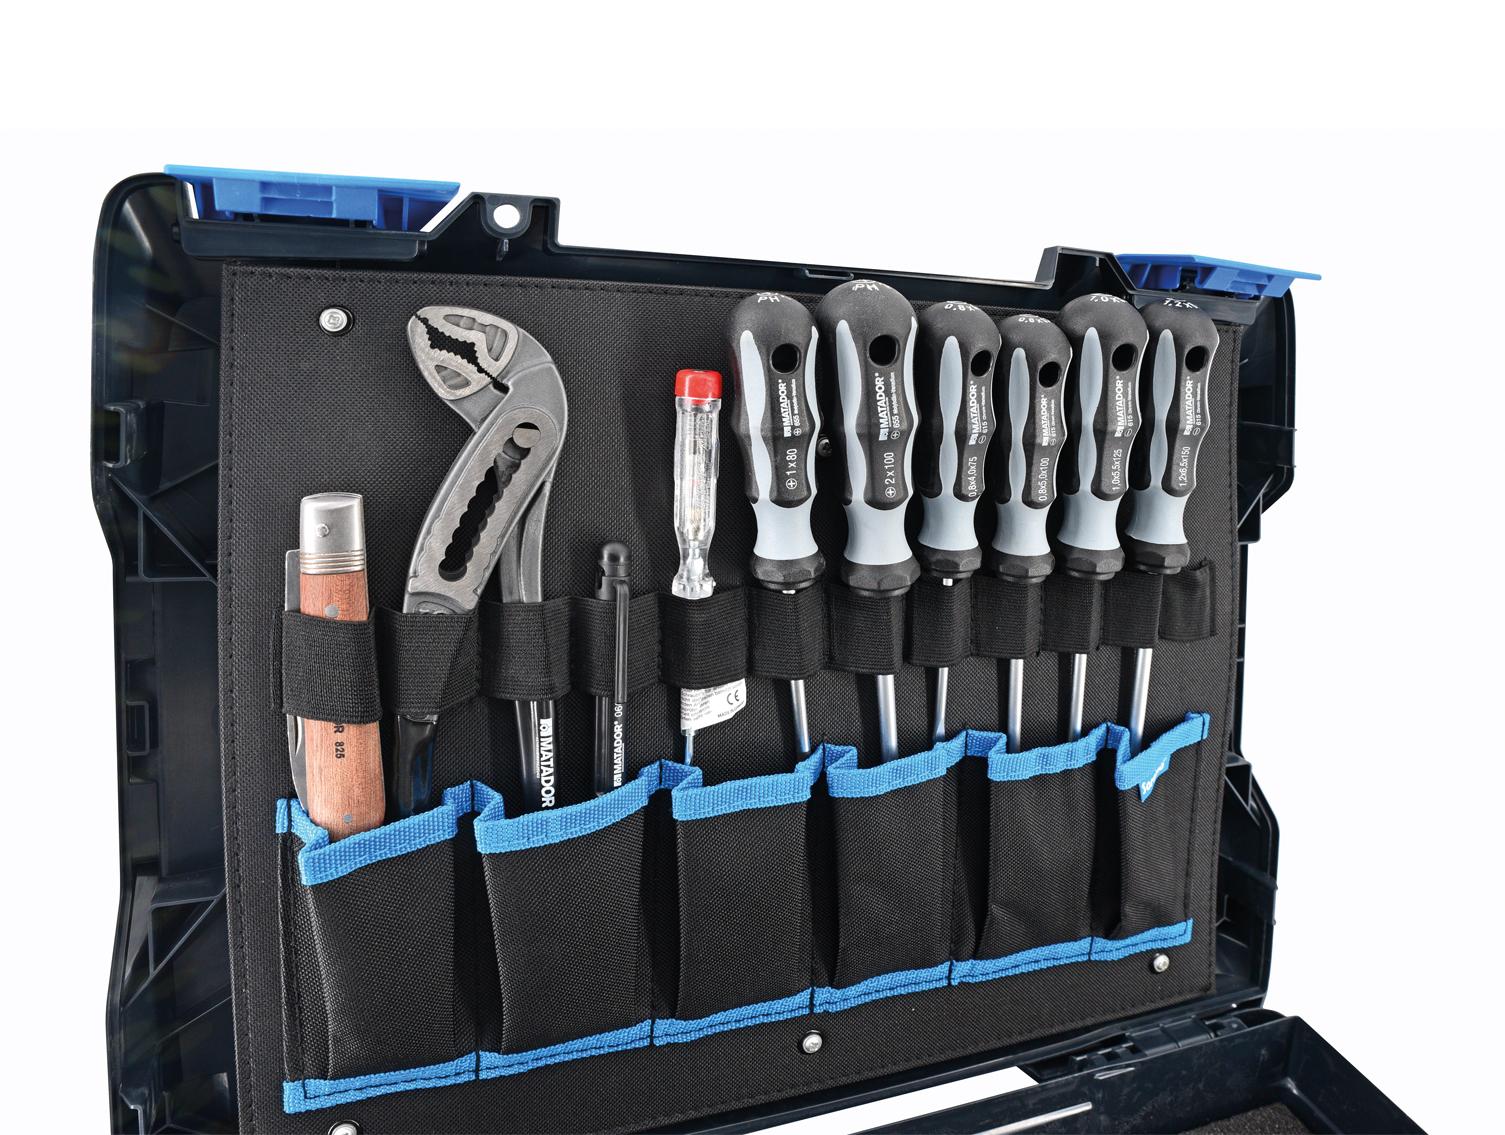 Mit integrierter Werkzeugkarte als Deckeleinlage.